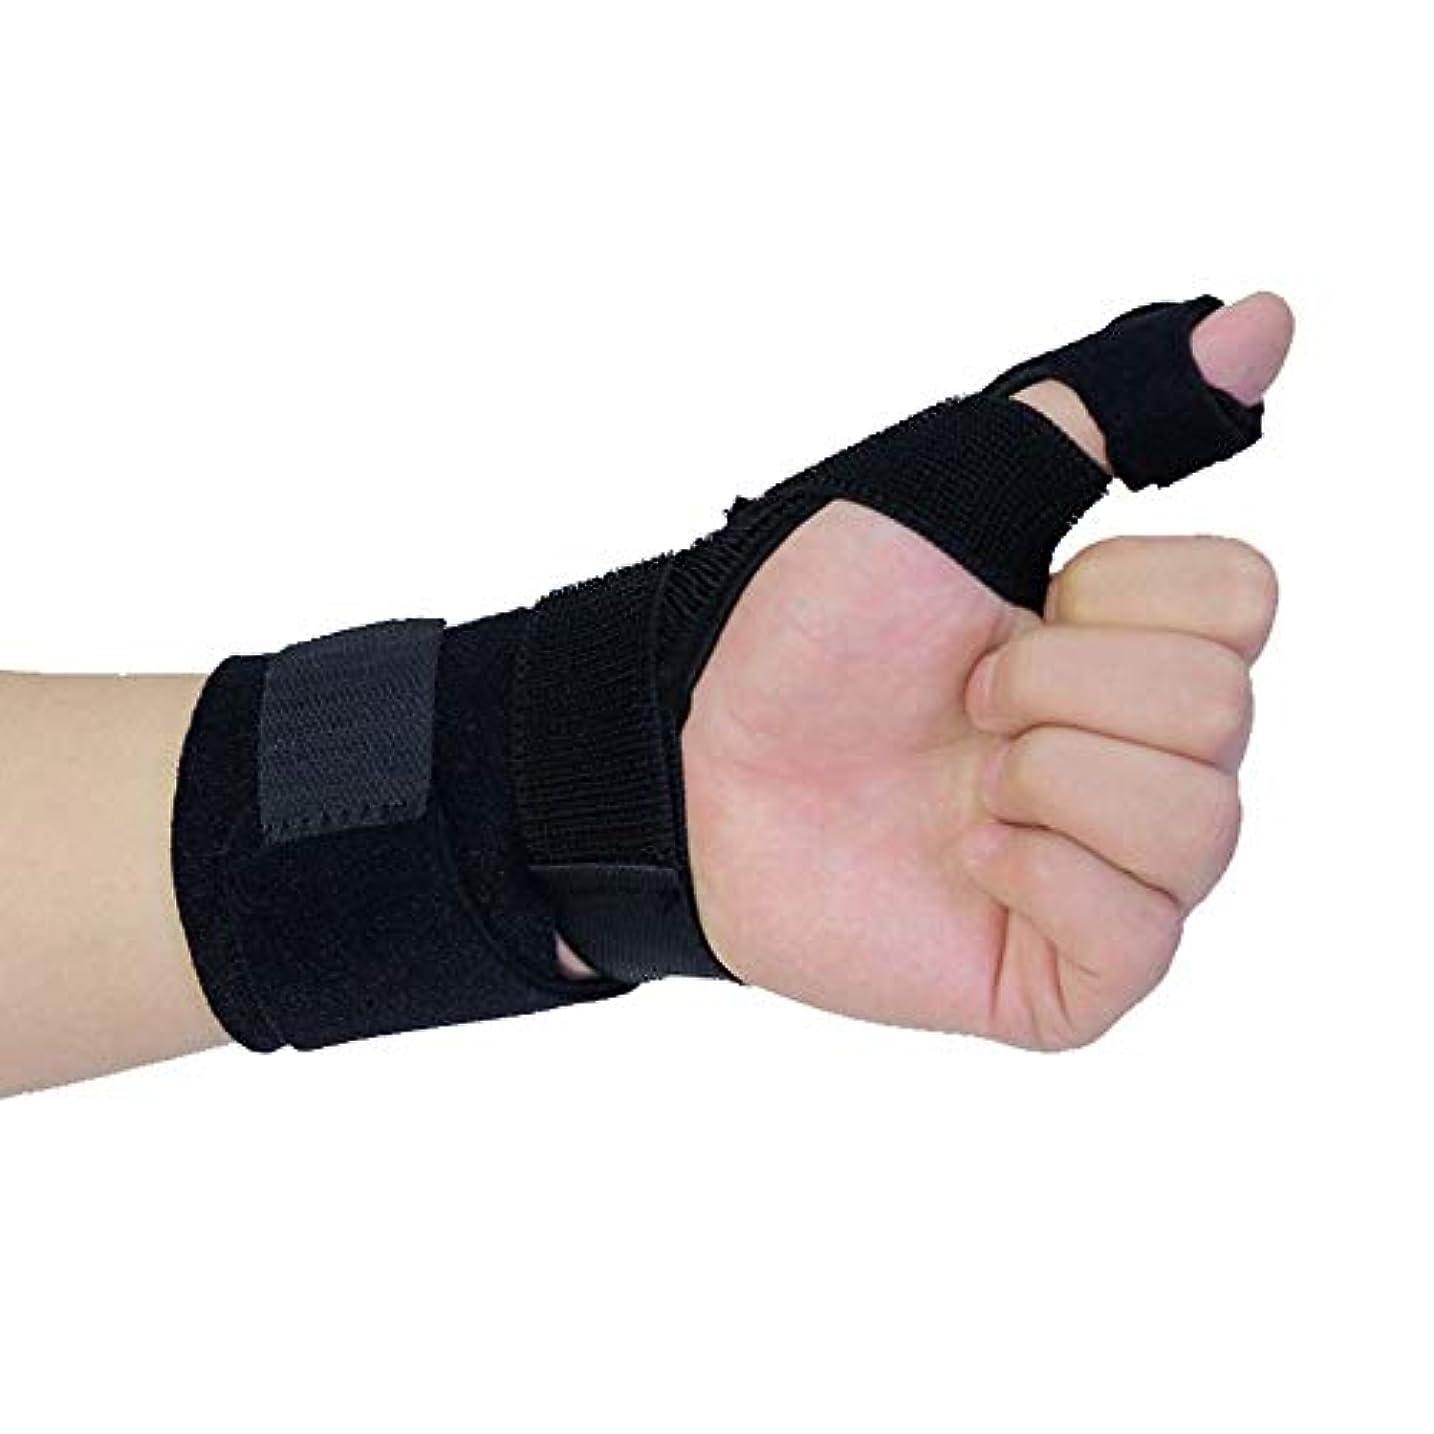 凝視告発者入学する関節炎、腱炎、手根管の痛みの軽減、軽量で 調節可能なサイズに適した調節可能な親指装具プロテクター